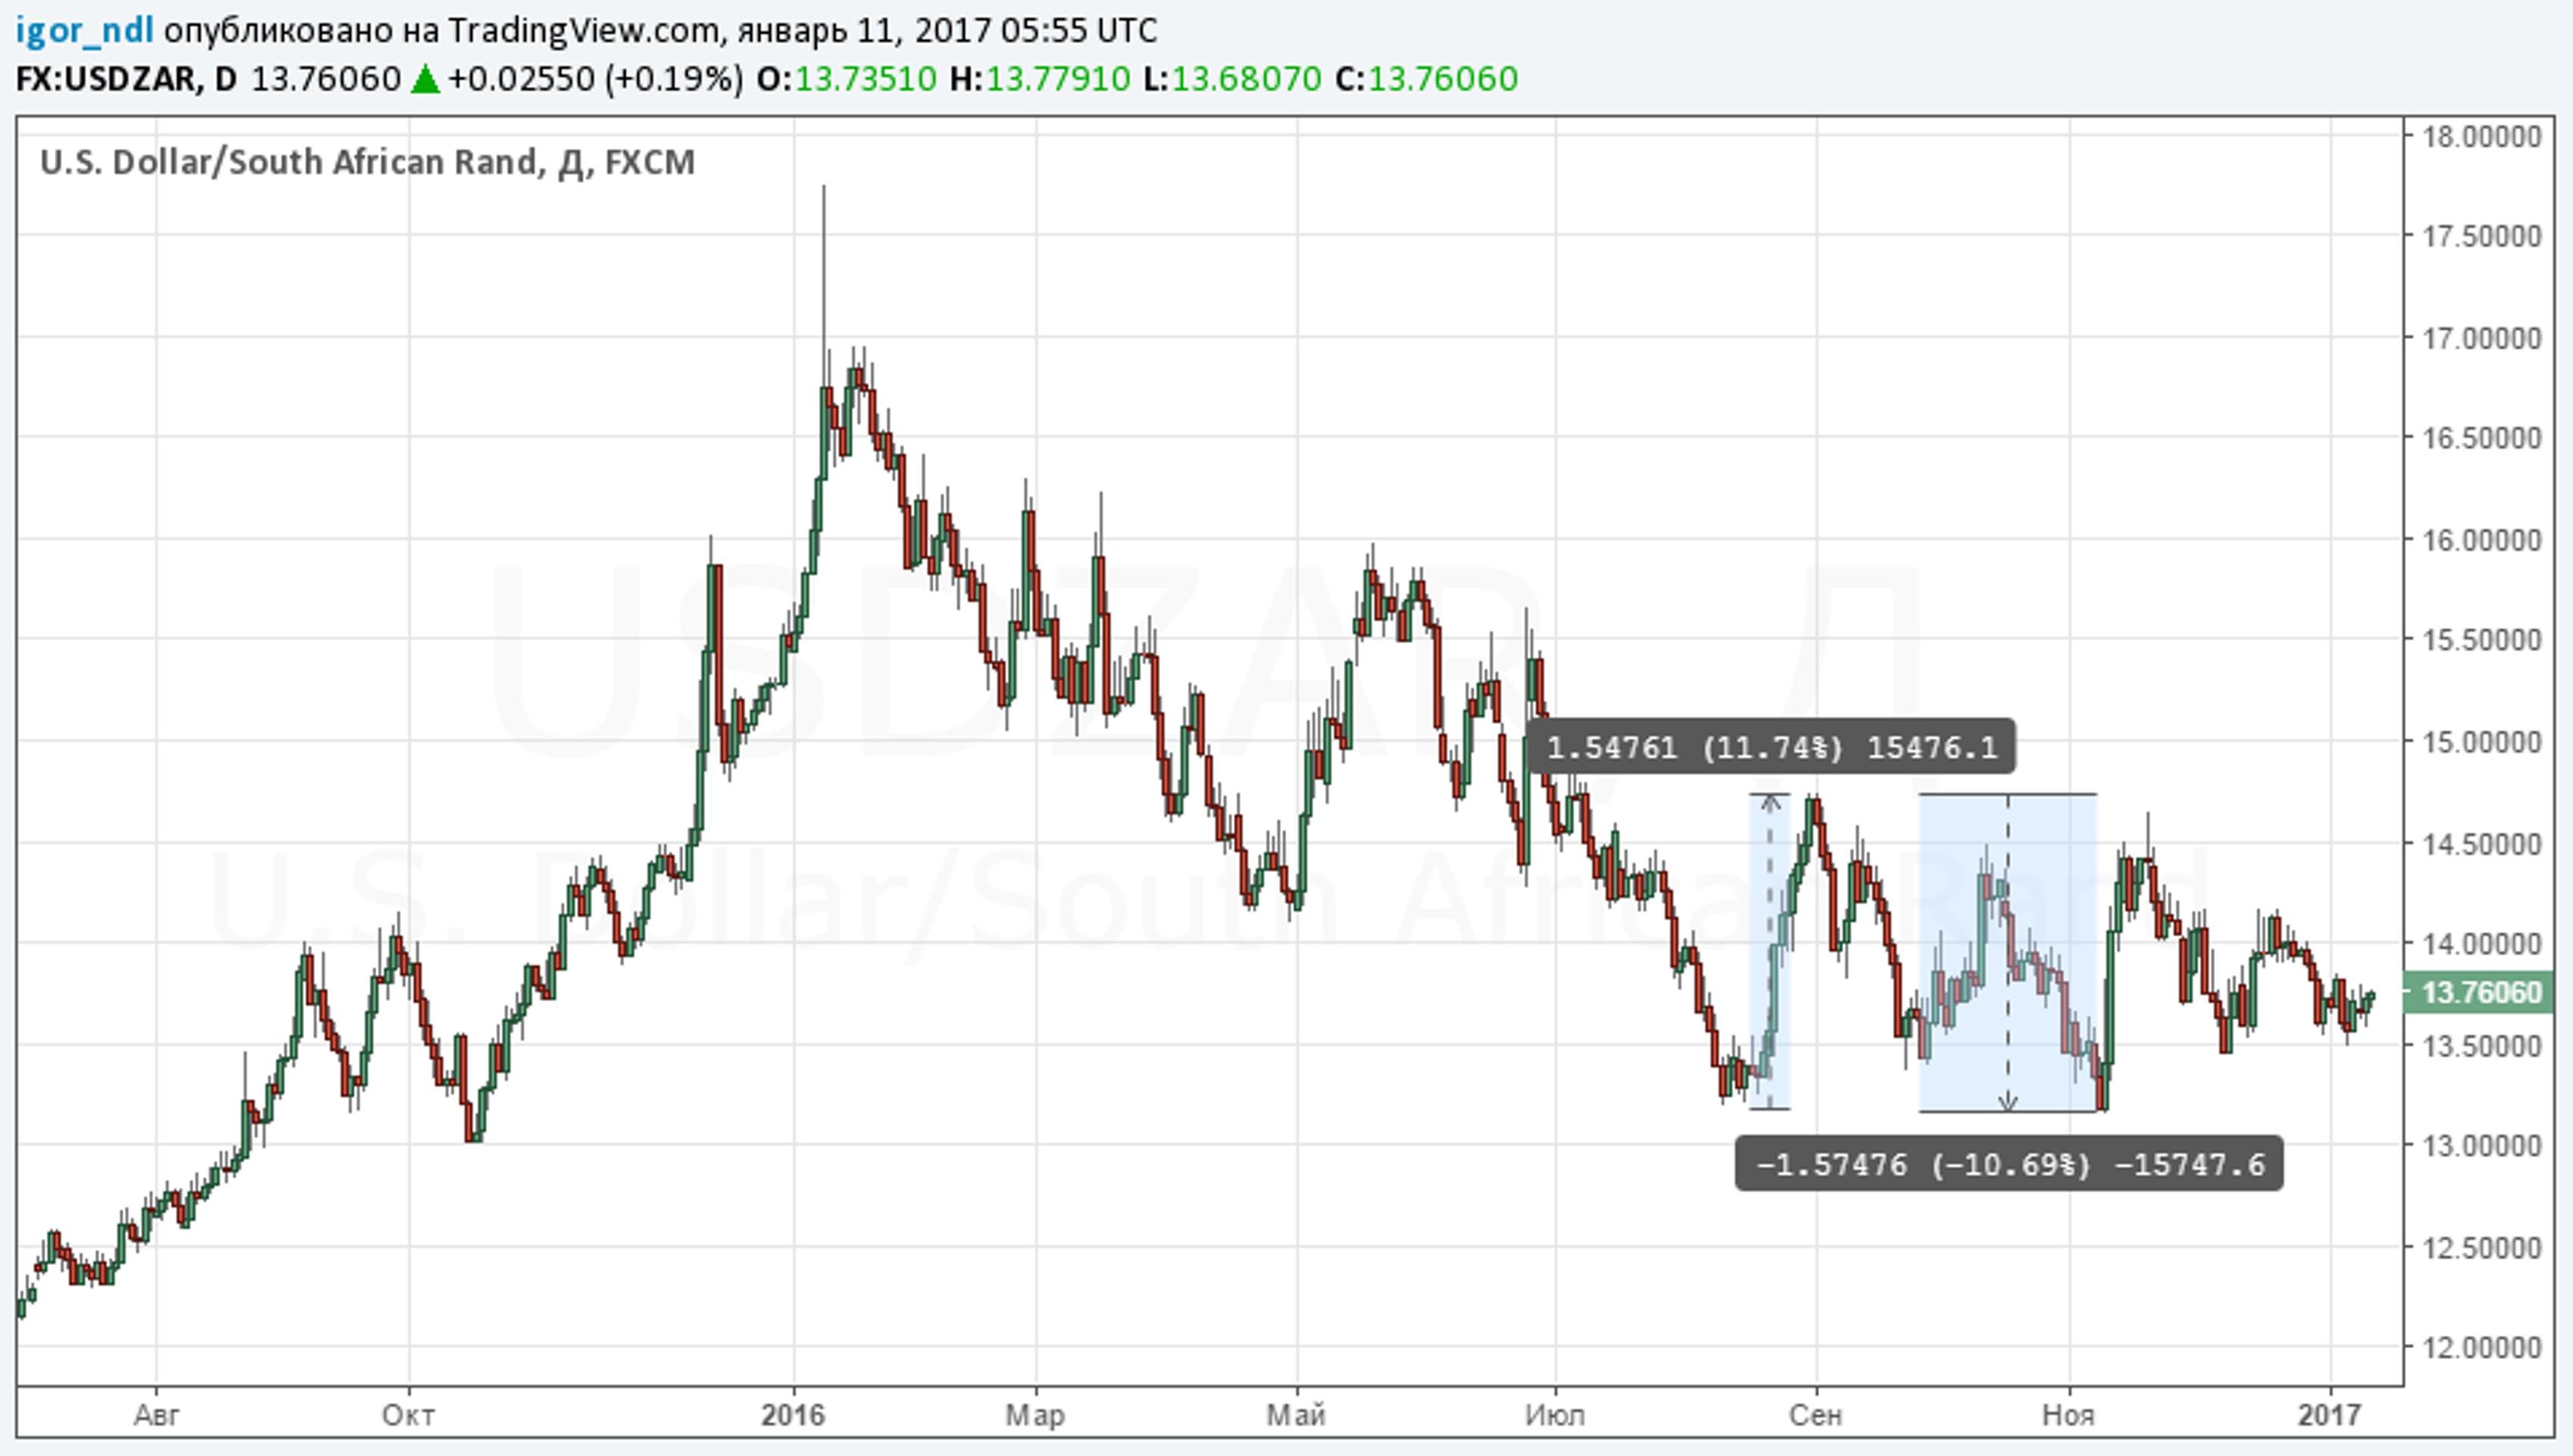 Самая нестабильная валюта: хорошо, что не рубль